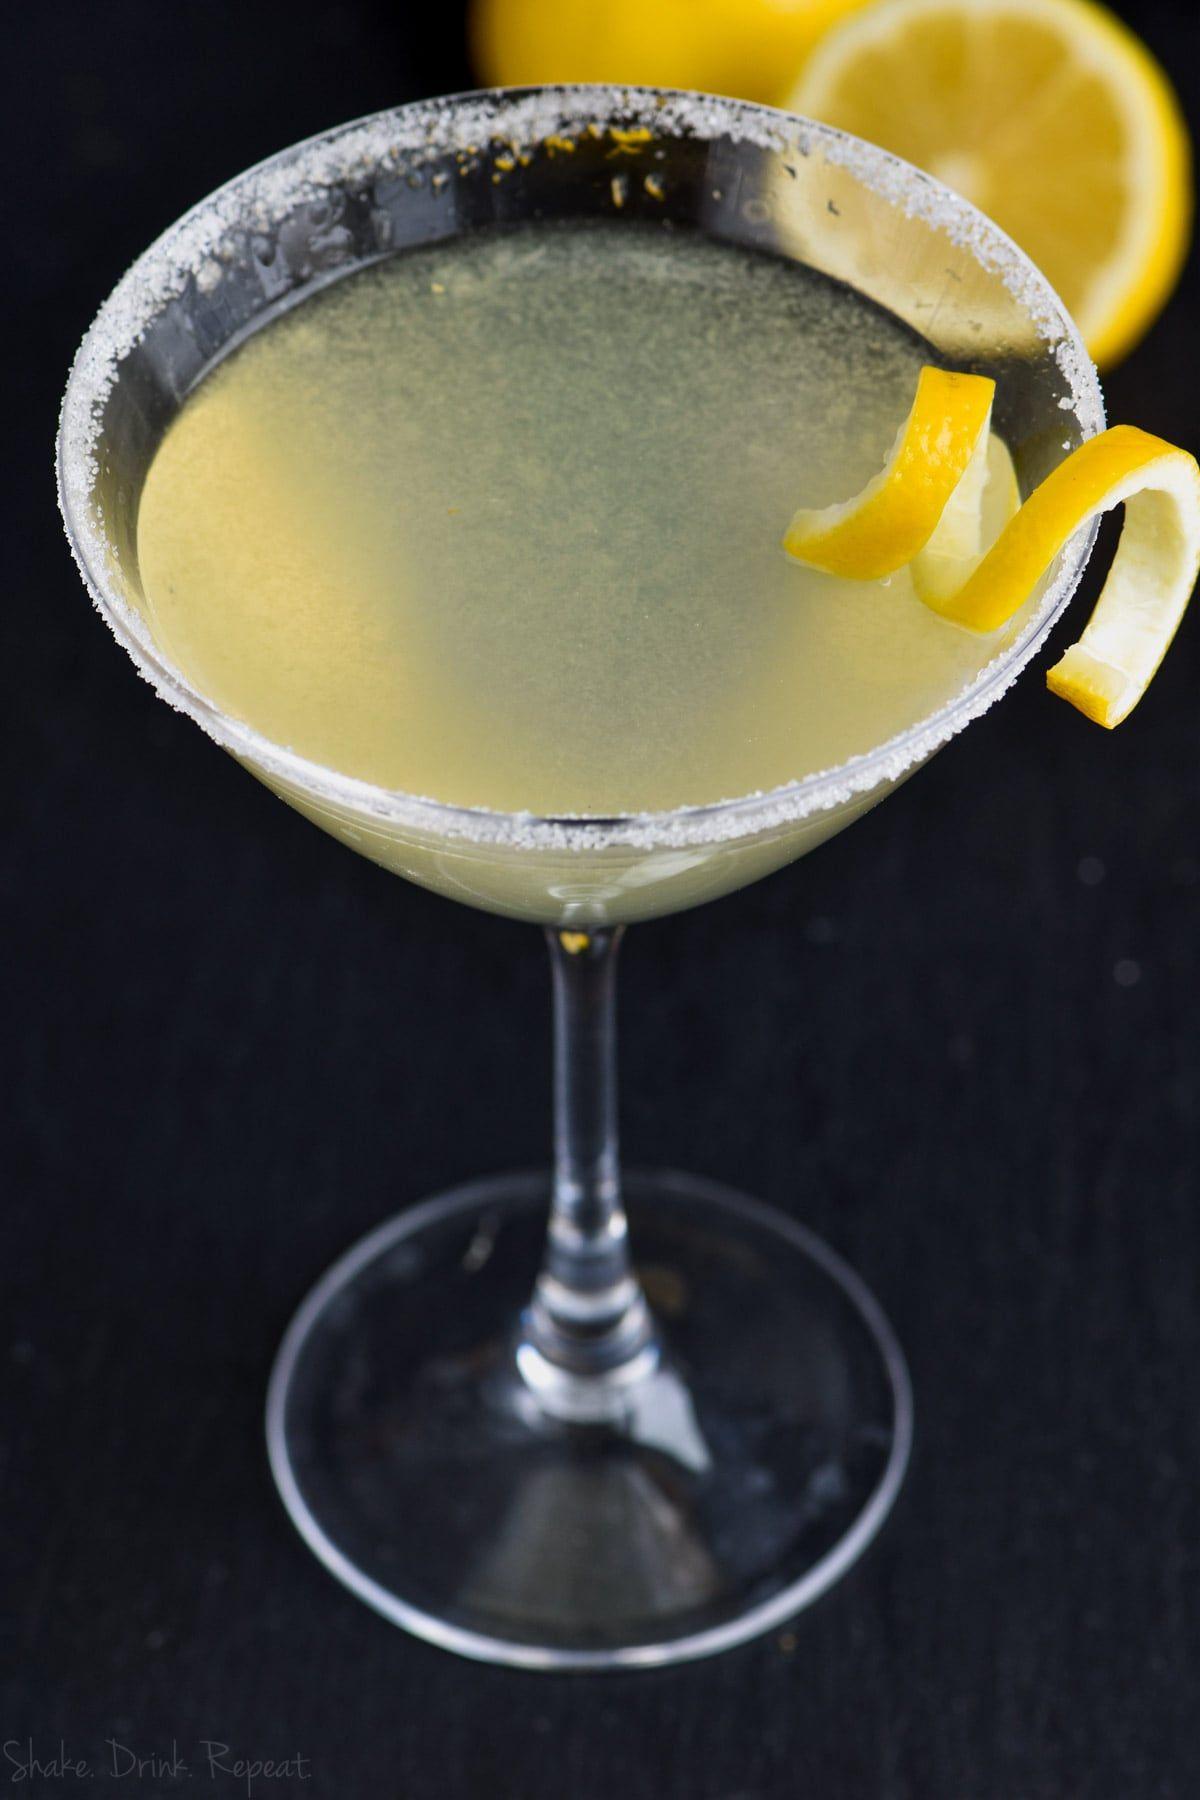 Lemon drop martini shake drink repeat recipe lemon